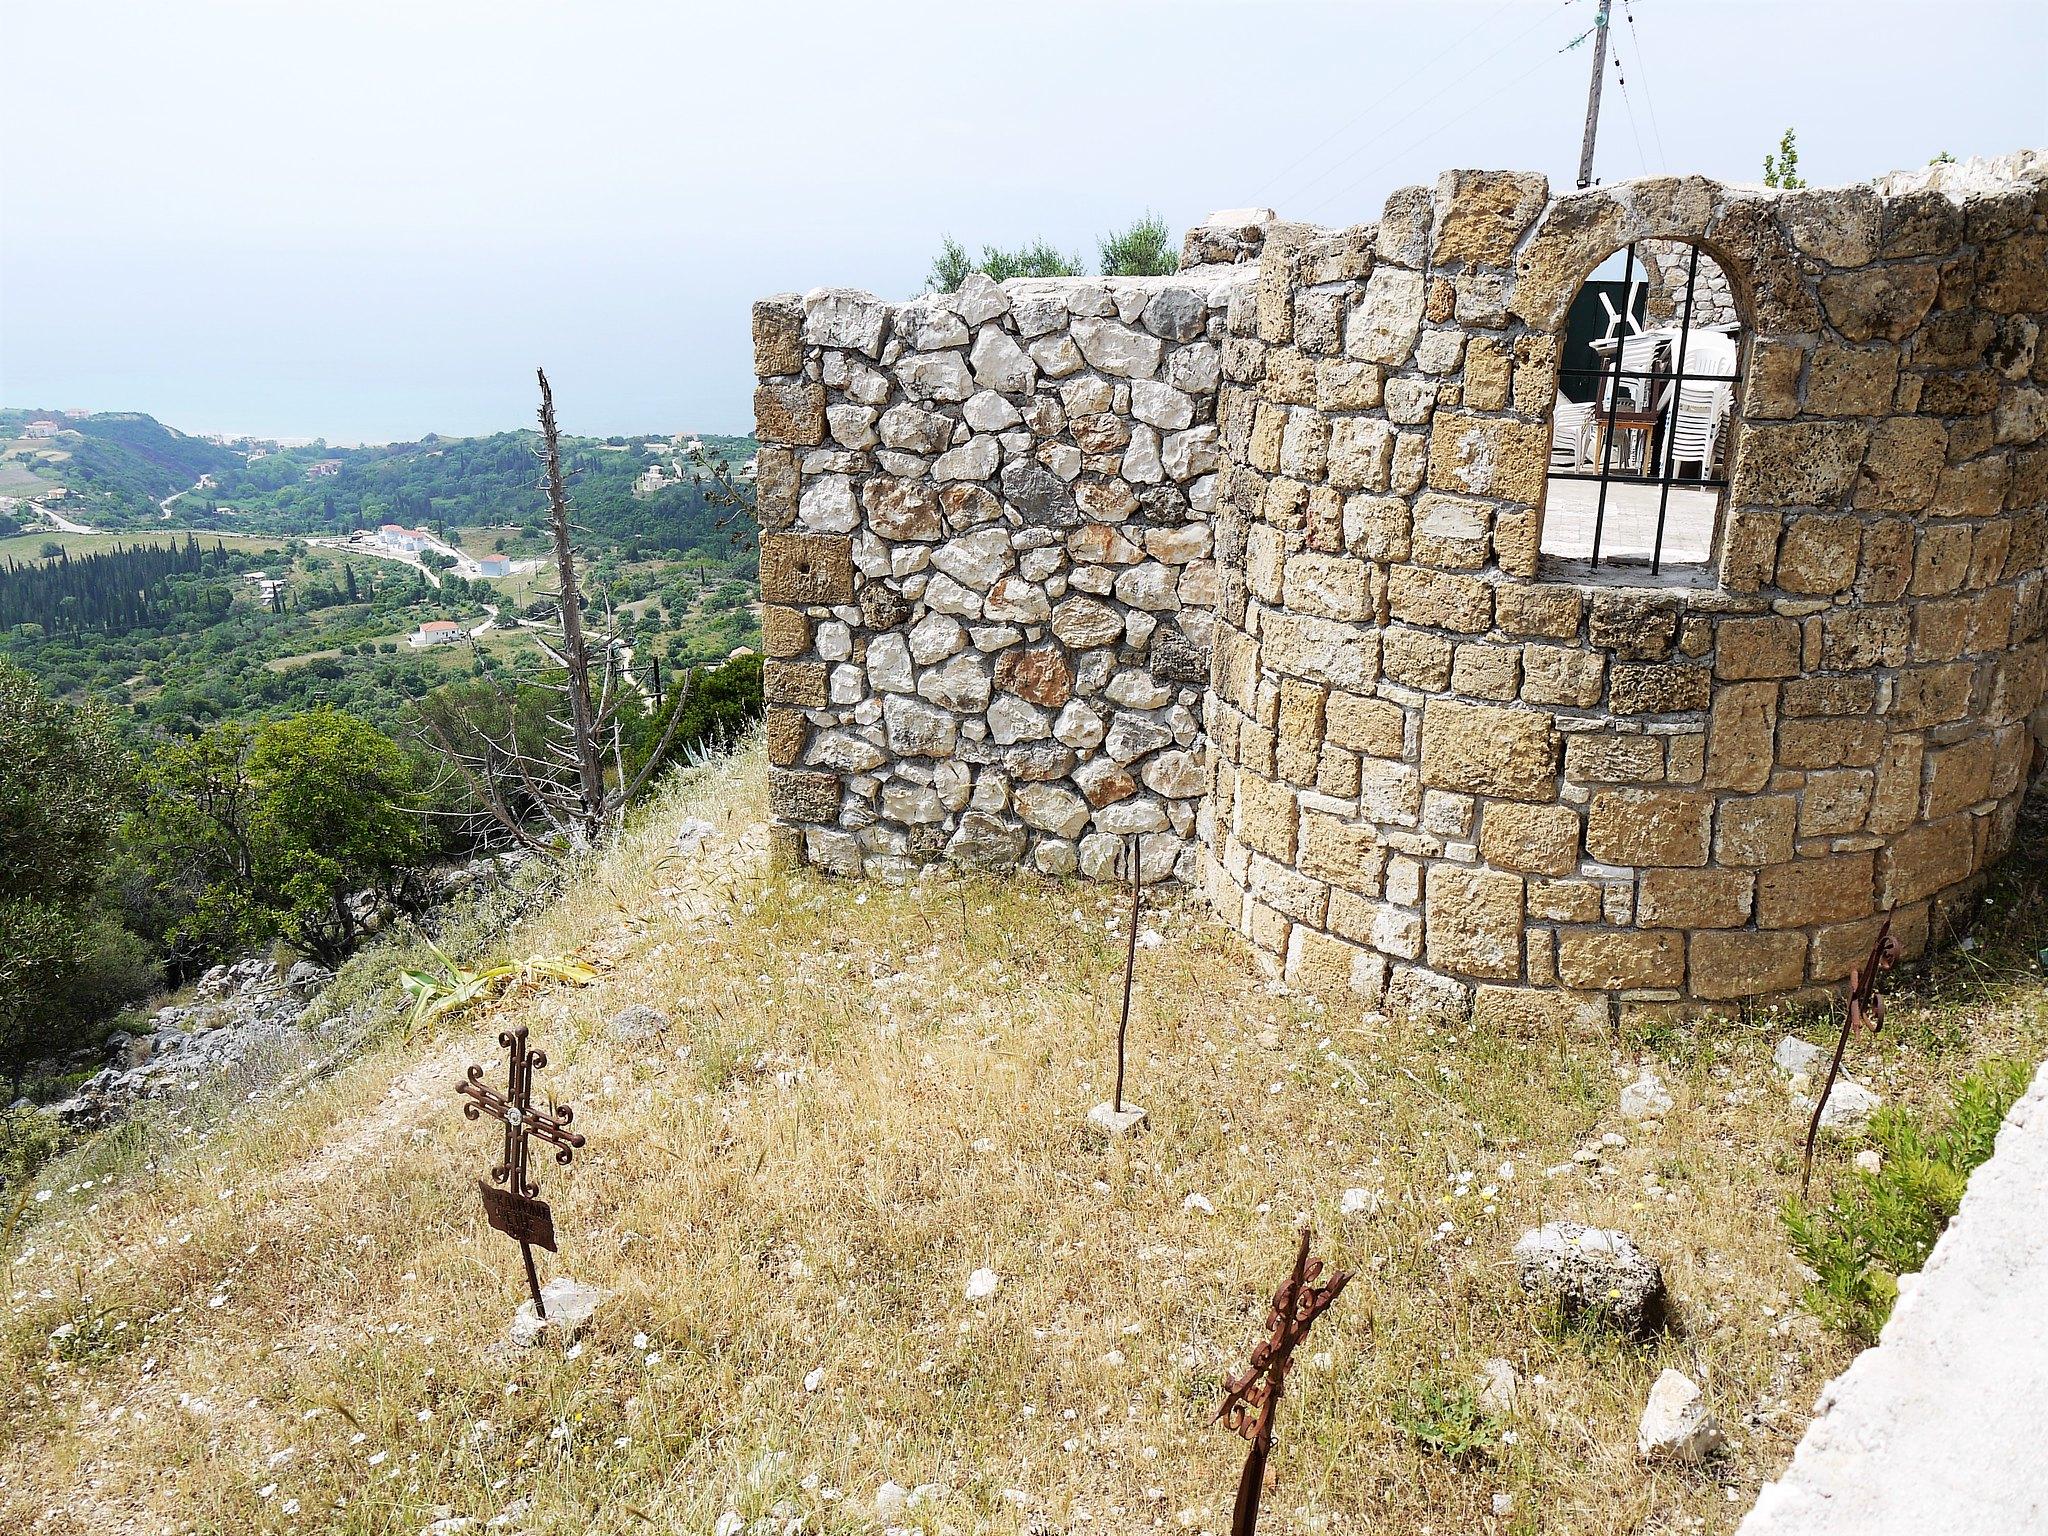 Church Ruins & Graves